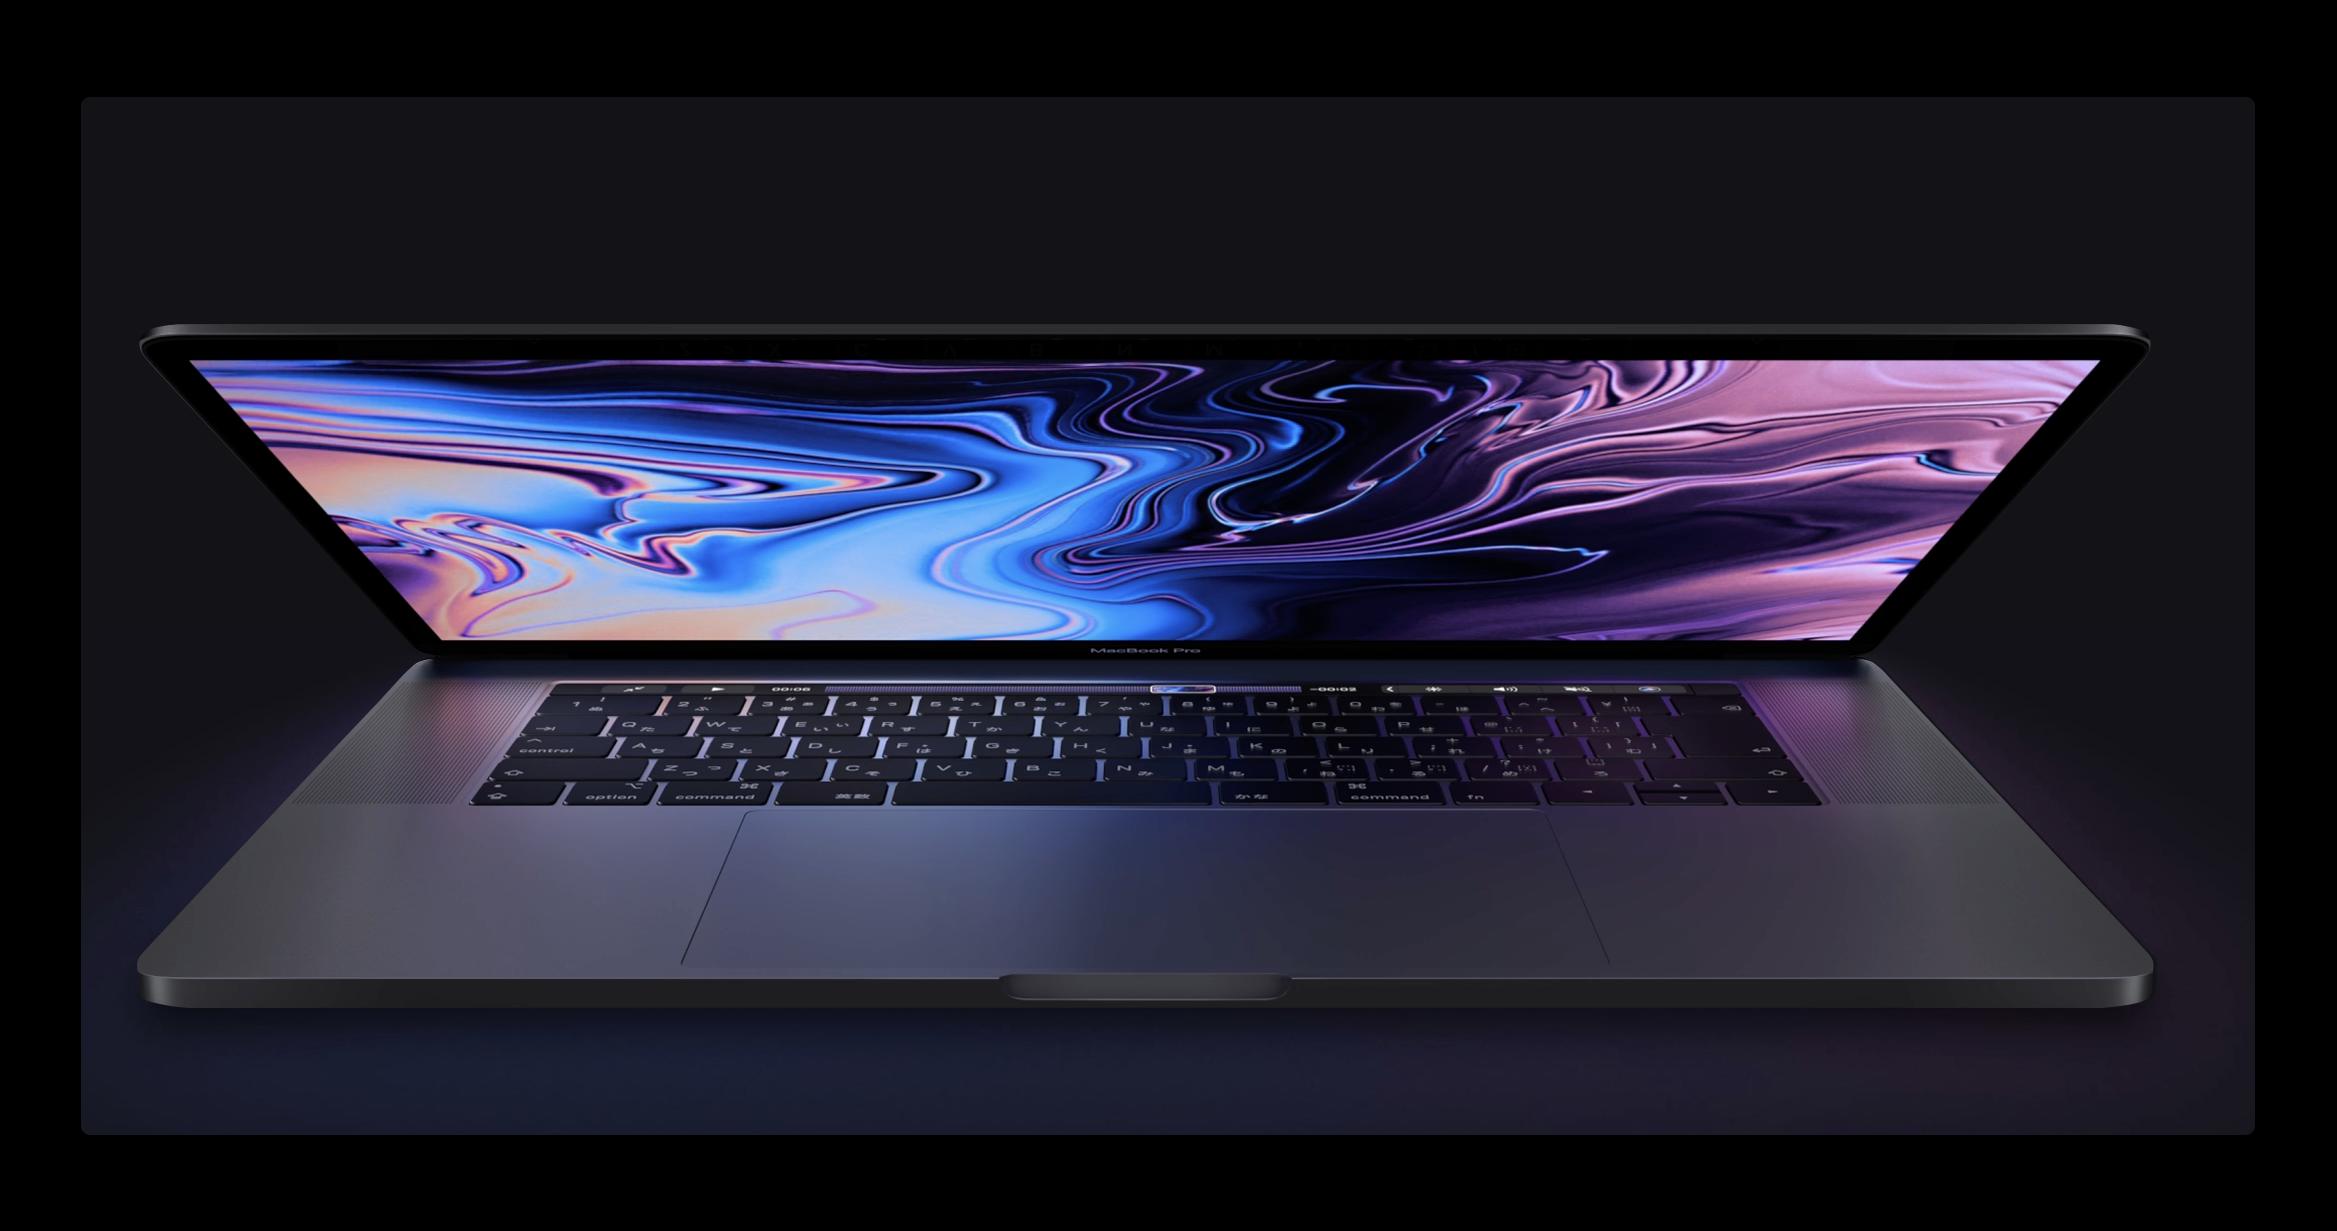 Apple、T2チップ搭載MacBook Pro 15インチの「macOS Mojave 10.14.5 追加アップデート」をリリース